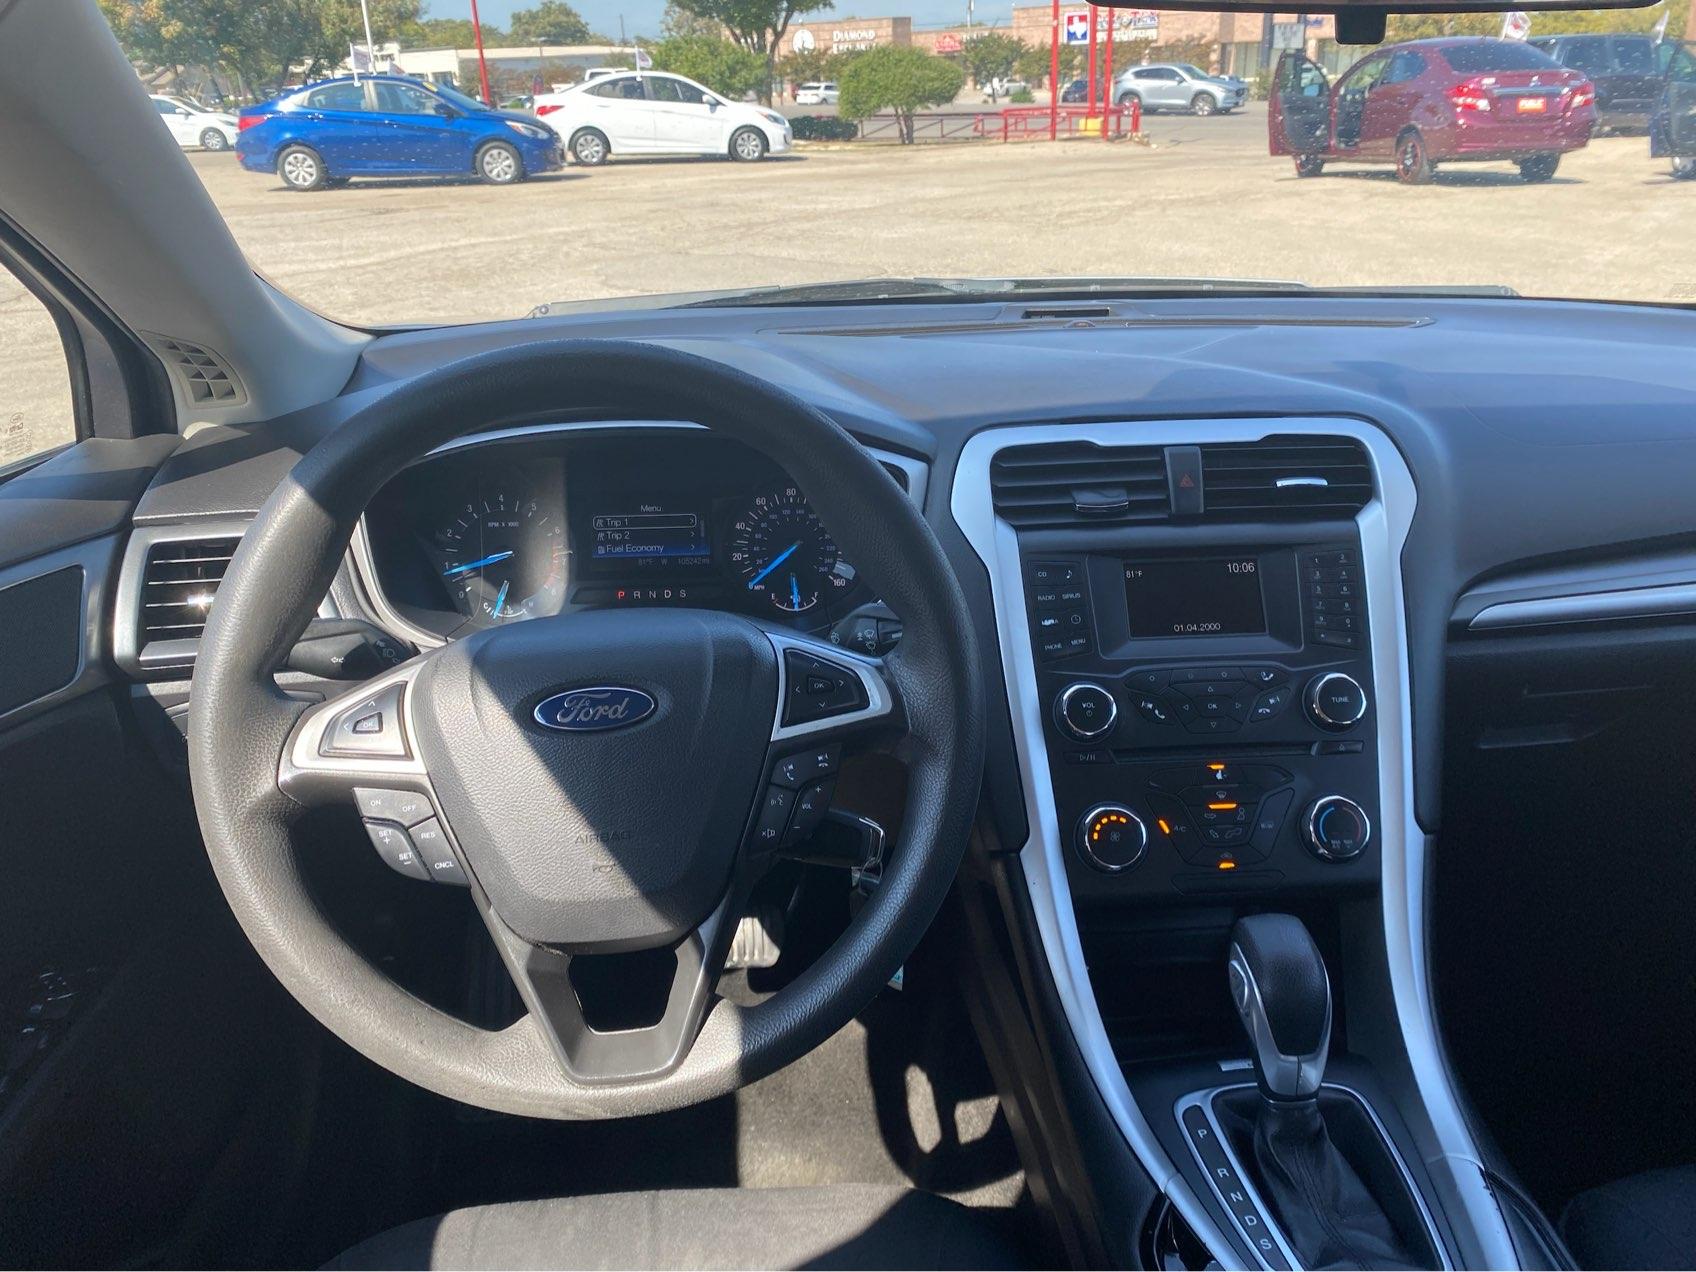 used vehicle - Sedan FORD FUSION 2015